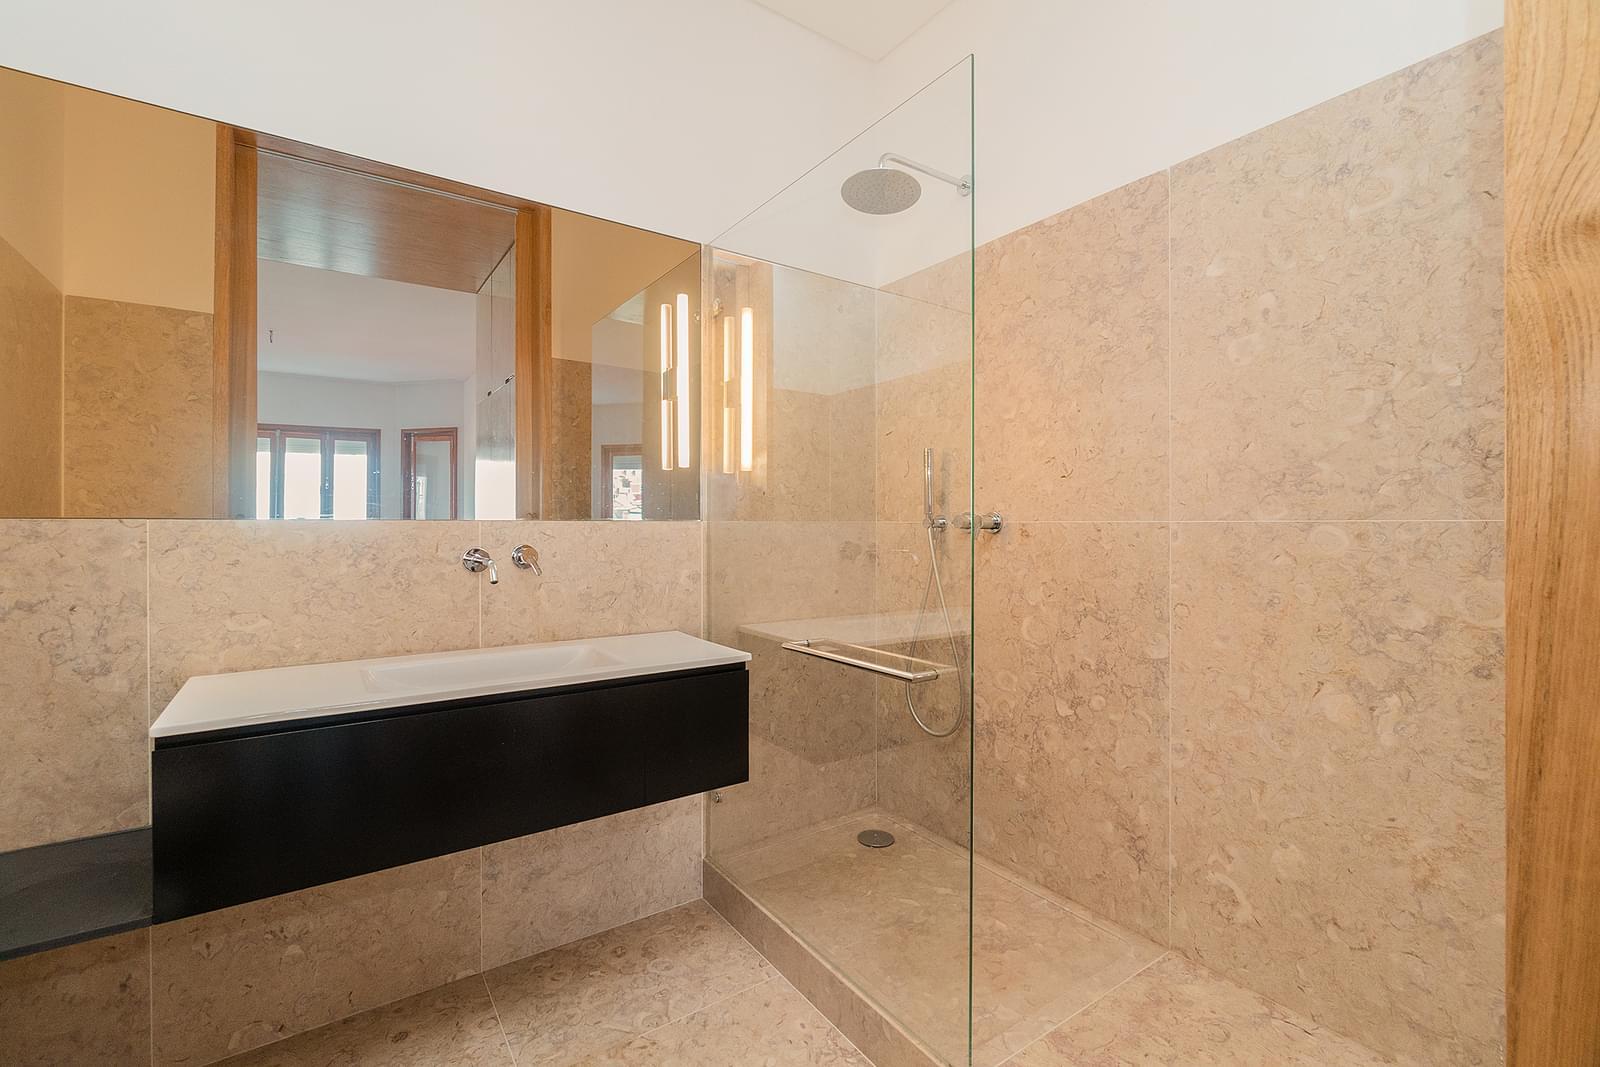 pf18665-apartamento-t3-2-lisboa-be21ee6d-1789-4796-888d-21c35479205f